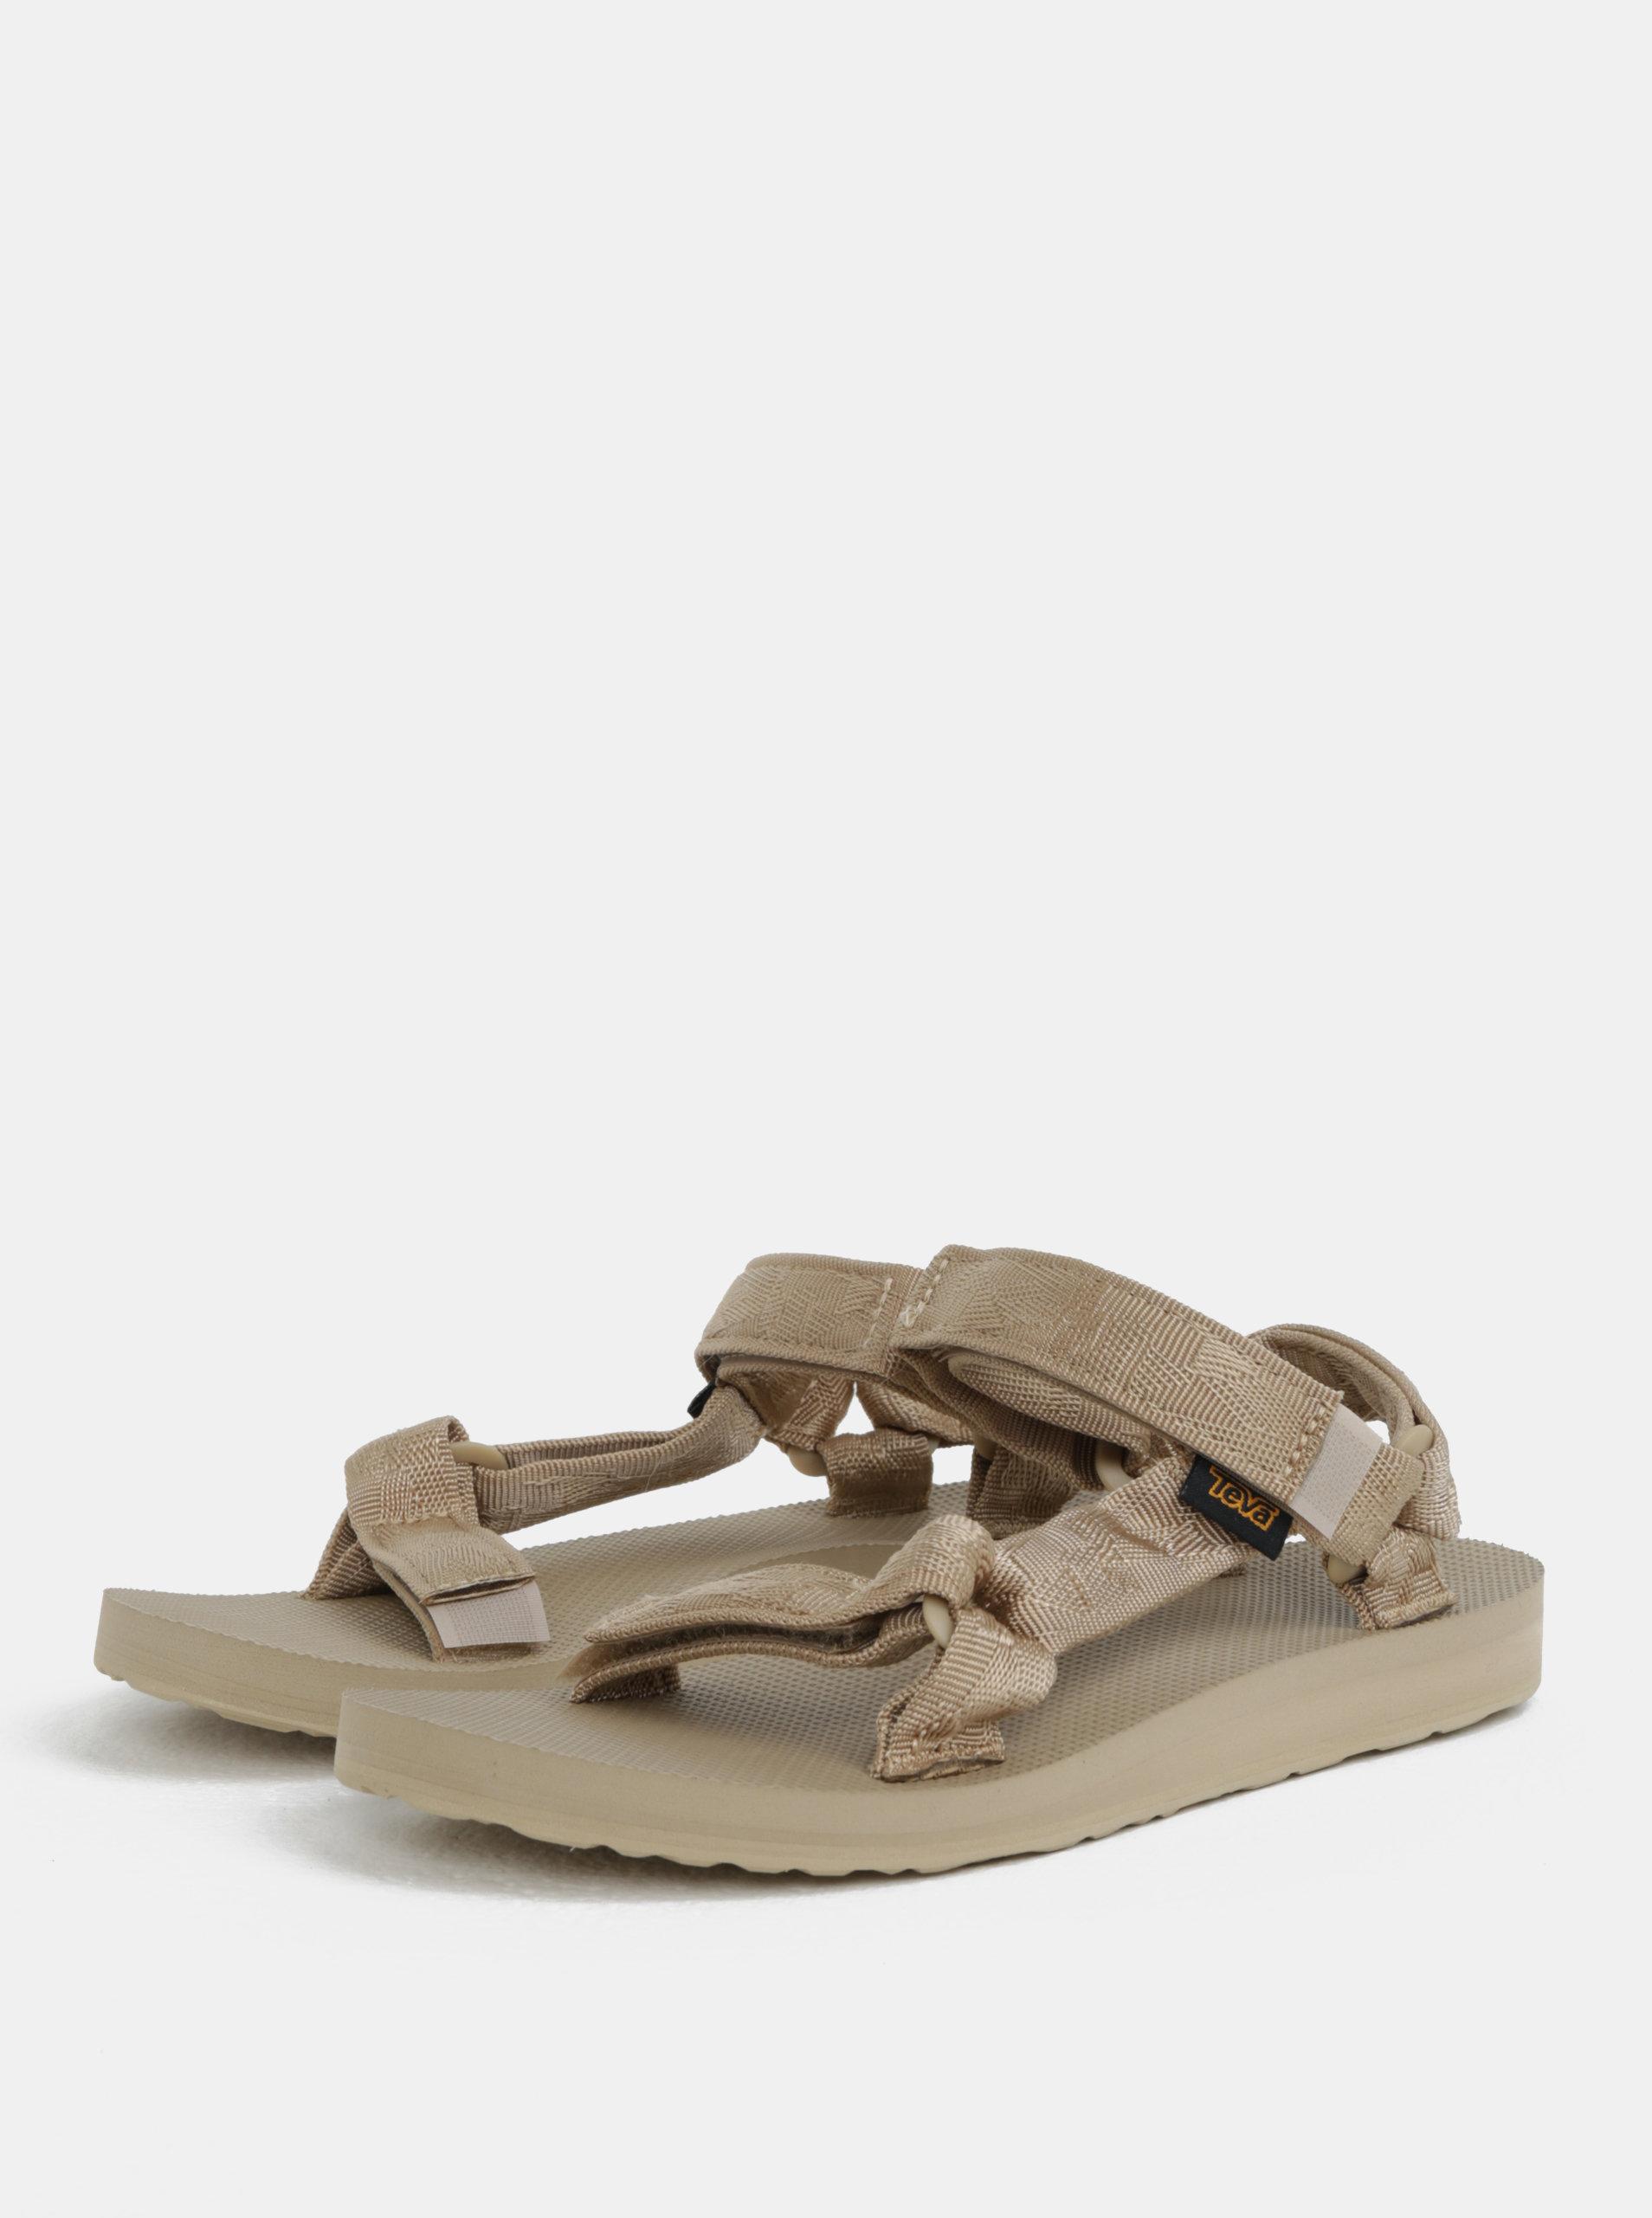 39615296f3d9 Béžové dámske sandále Teva ...